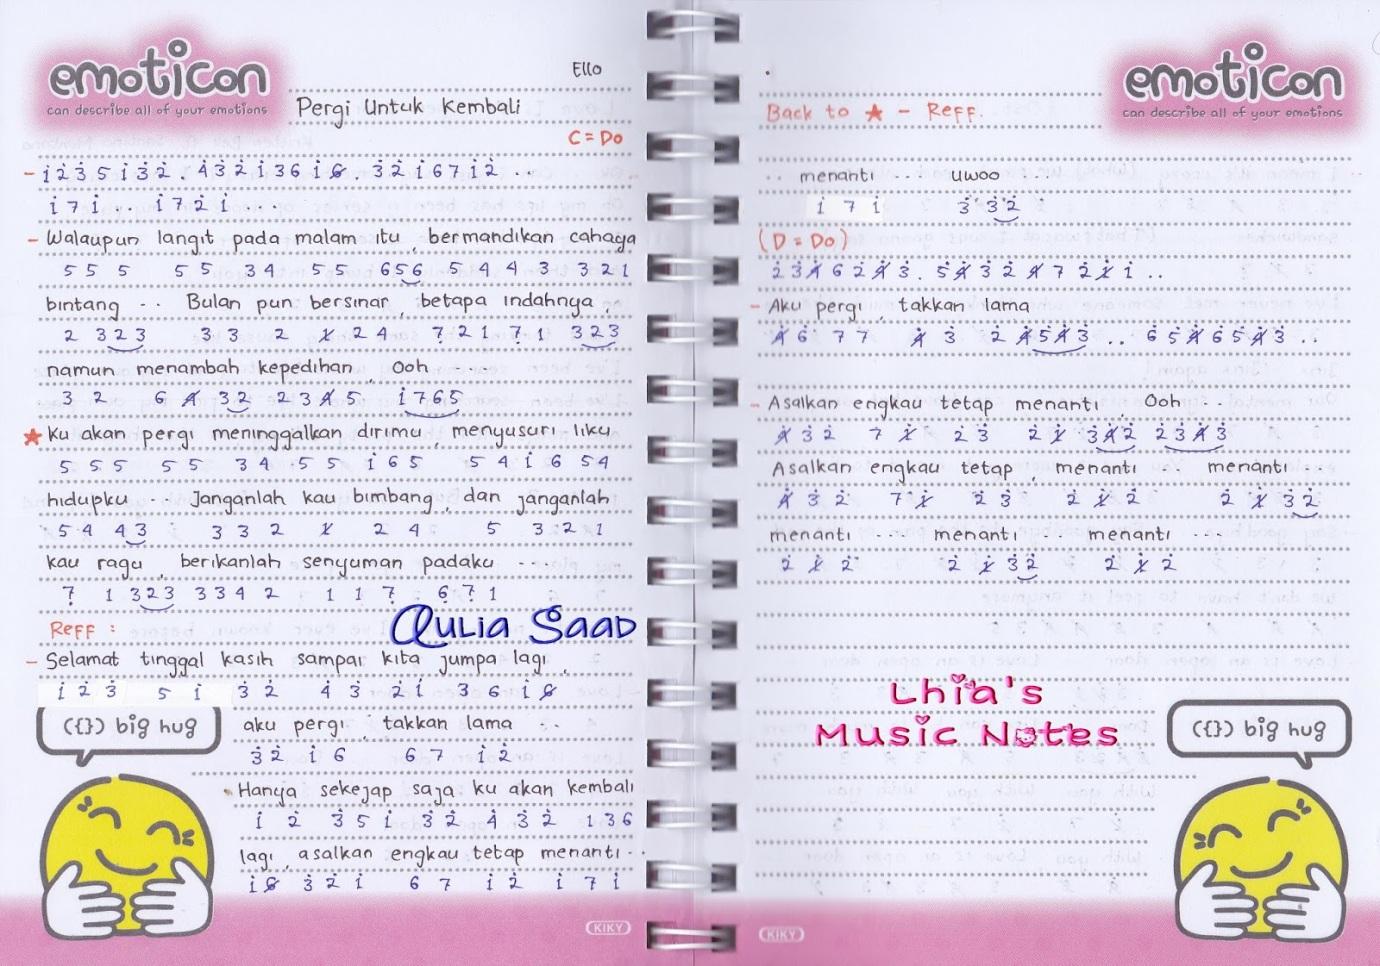 Not Angka Ello Pergi Untuk Kembali Lhia S Music Notes